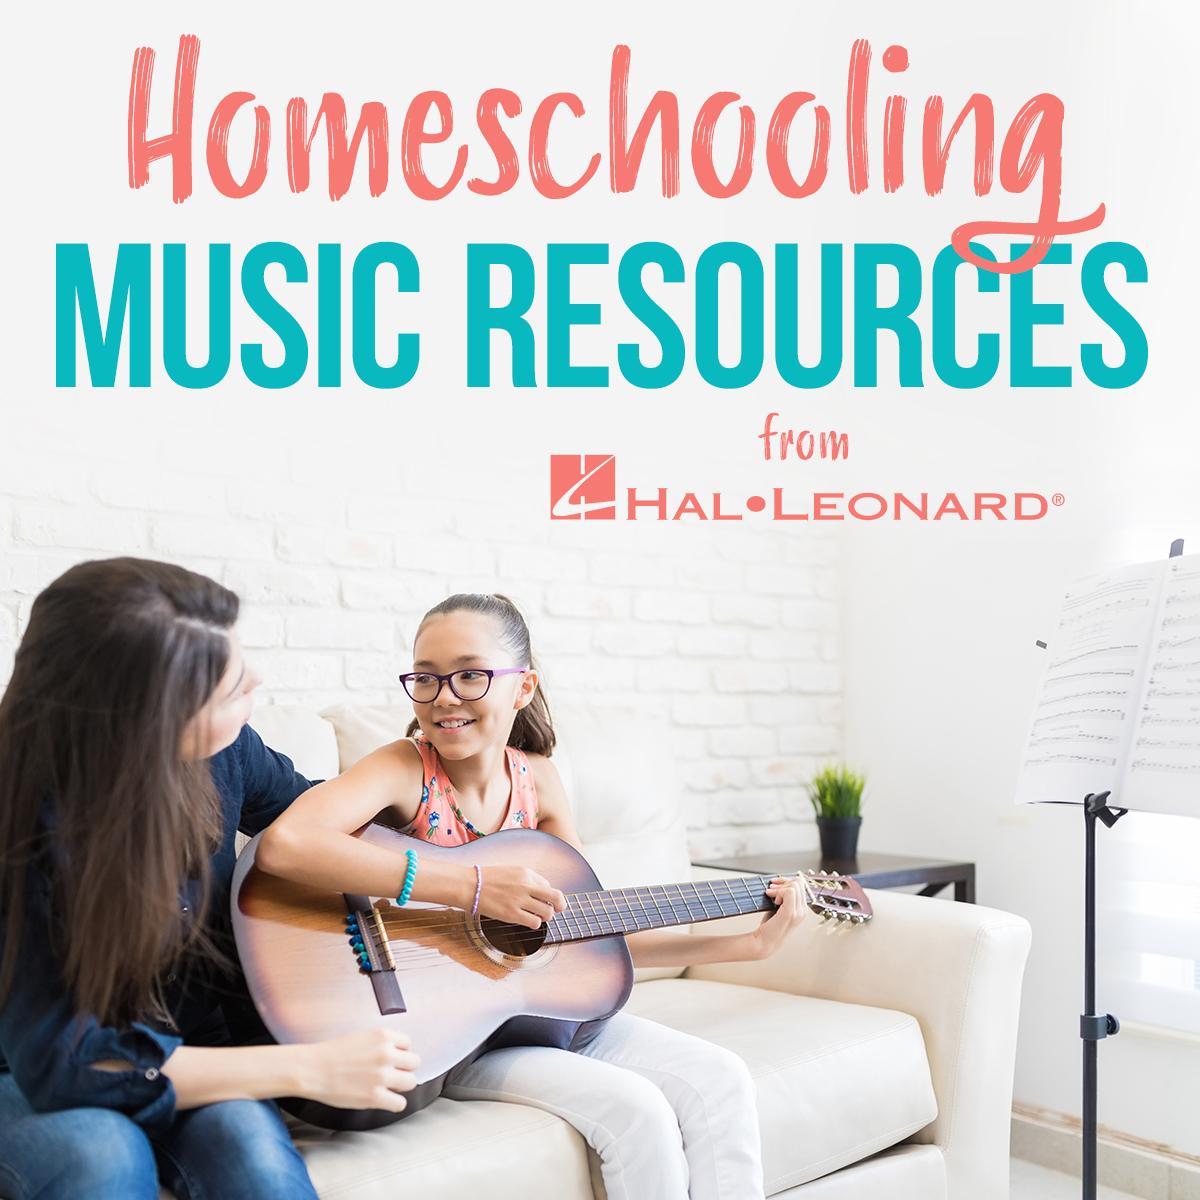 Banner for Hal Leonard Homeschooling Resources